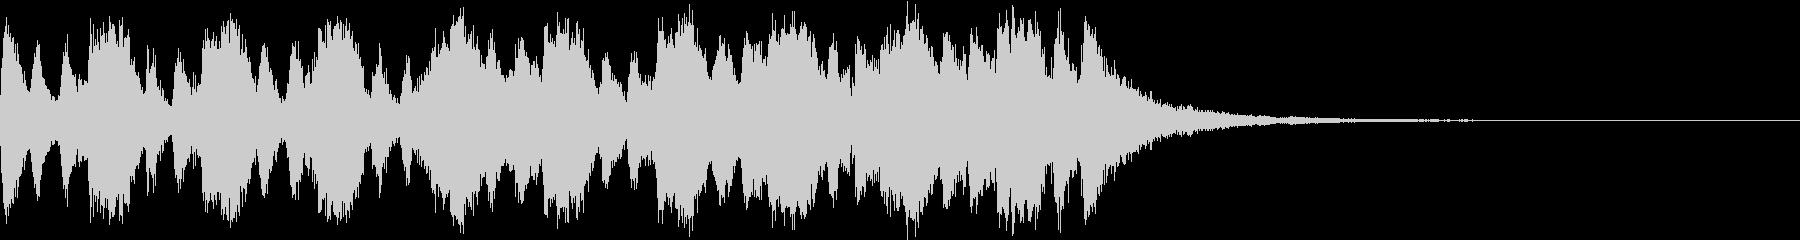 中世ファンタジー映画 エピックトレーラーの未再生の波形